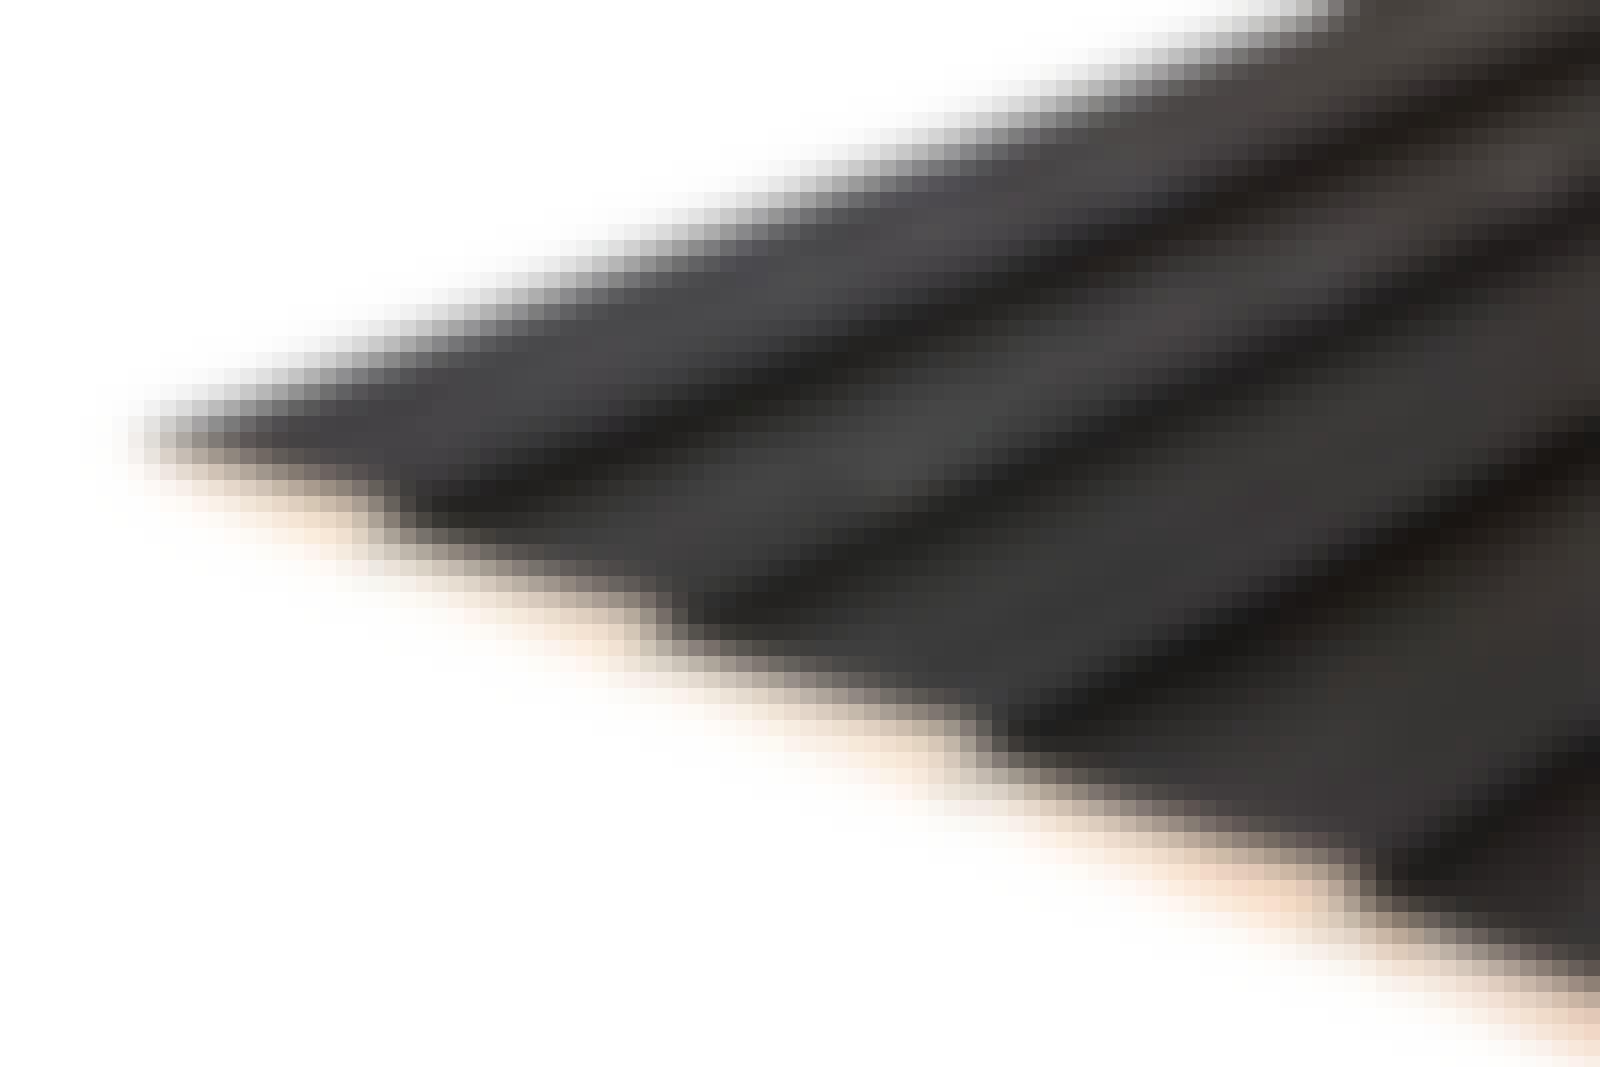 Limilaudoitus ulkoverhouslaudoista: Näissä vinovuorilaudoissa on pontit. Kapea yläreuna sopii seuraavan laudan alareunaan.